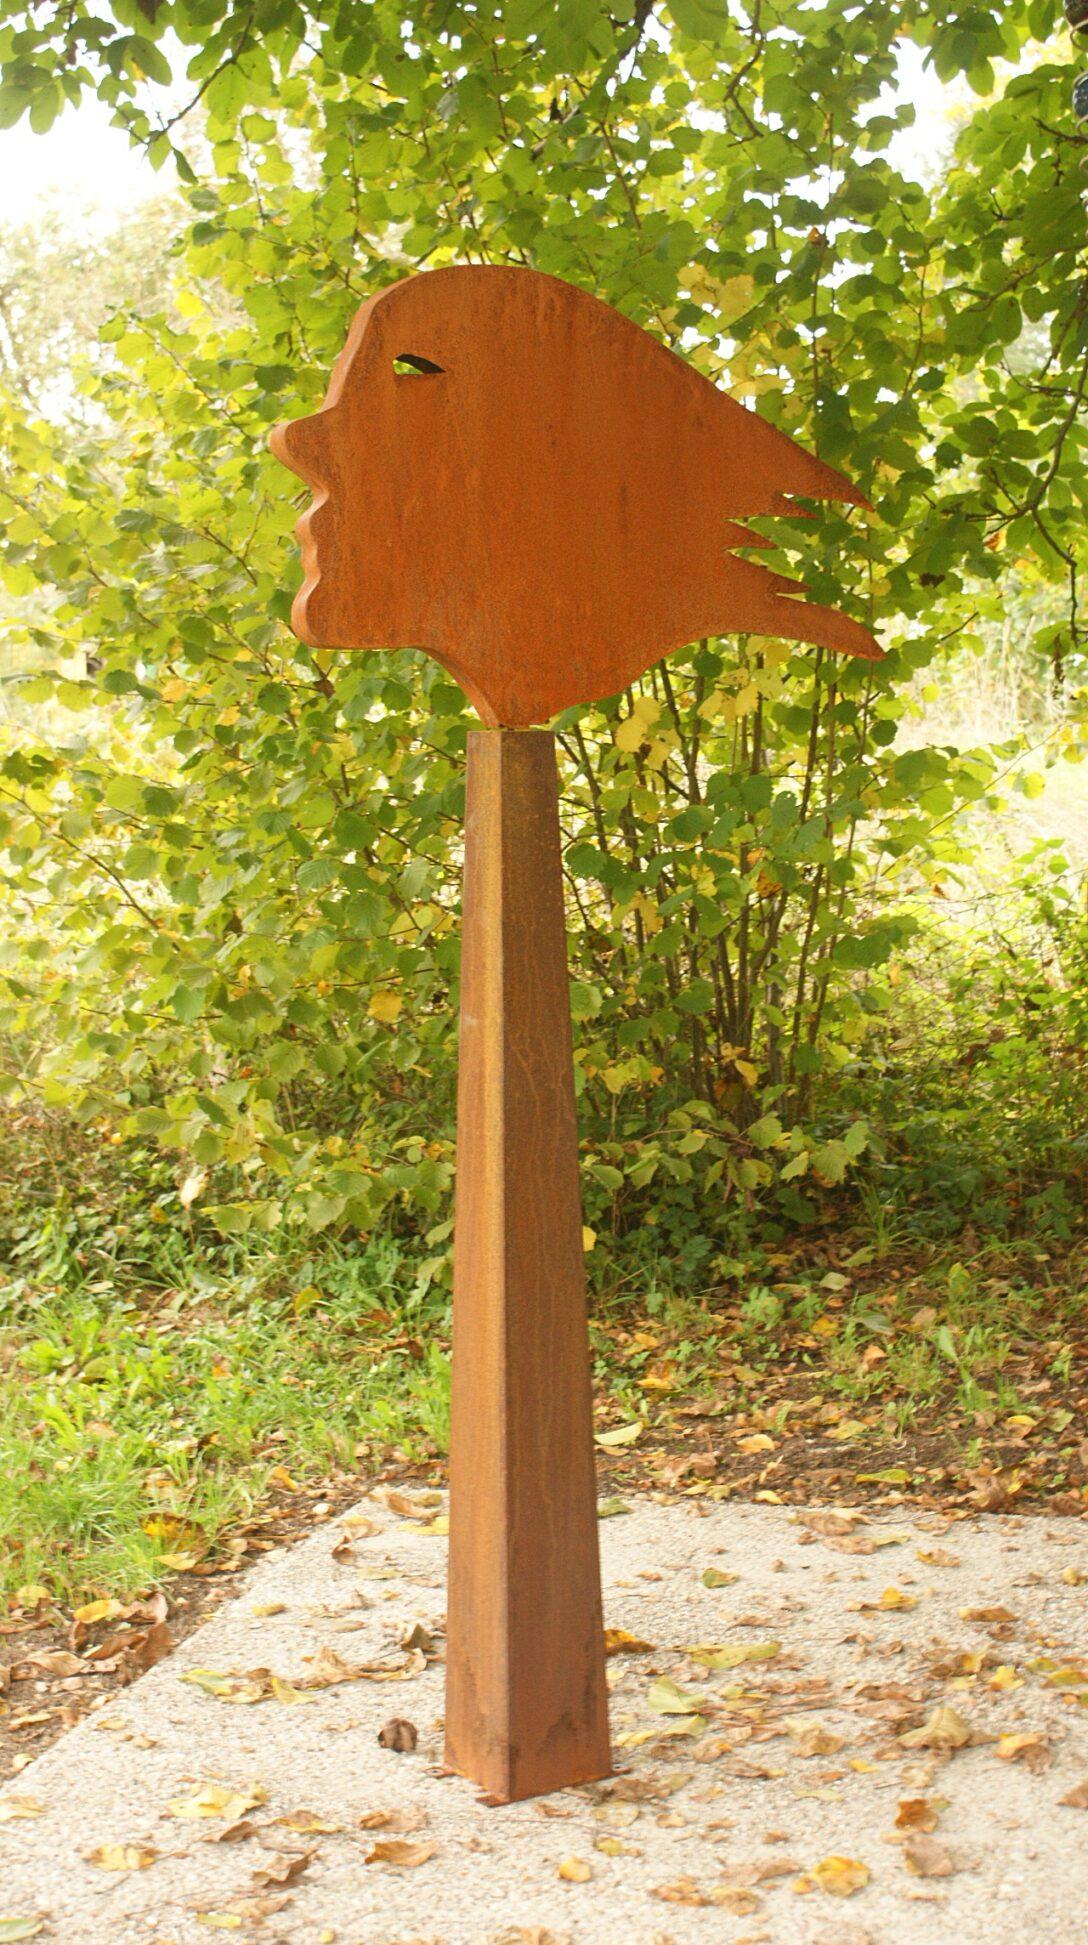 Large Size of Gartenskulpturen Holz Glas Skulpturen Selber Machen Gartenskulptur Aus Stein Garten Kaufen Und 54 Rost Skulptur Windsbraut Gartendeko Gartenideen Regal Weiß Wohnzimmer Gartenskulpturen Holz